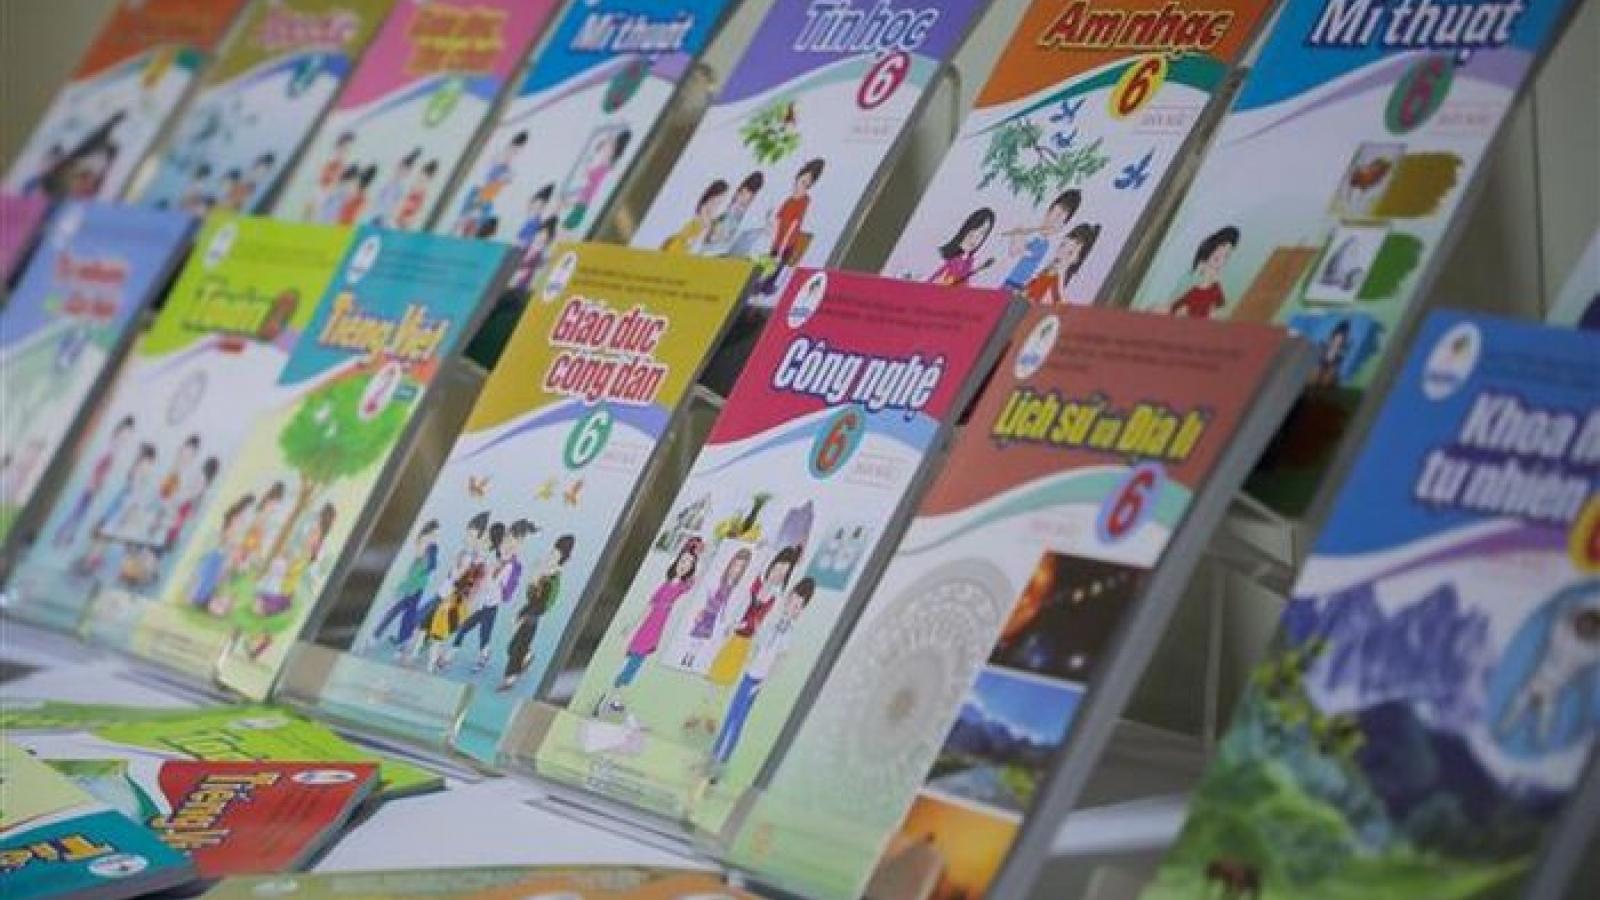 """Giá sách giáo khoa mới tăng """"sốc"""": Nhà nước nên định giá?"""